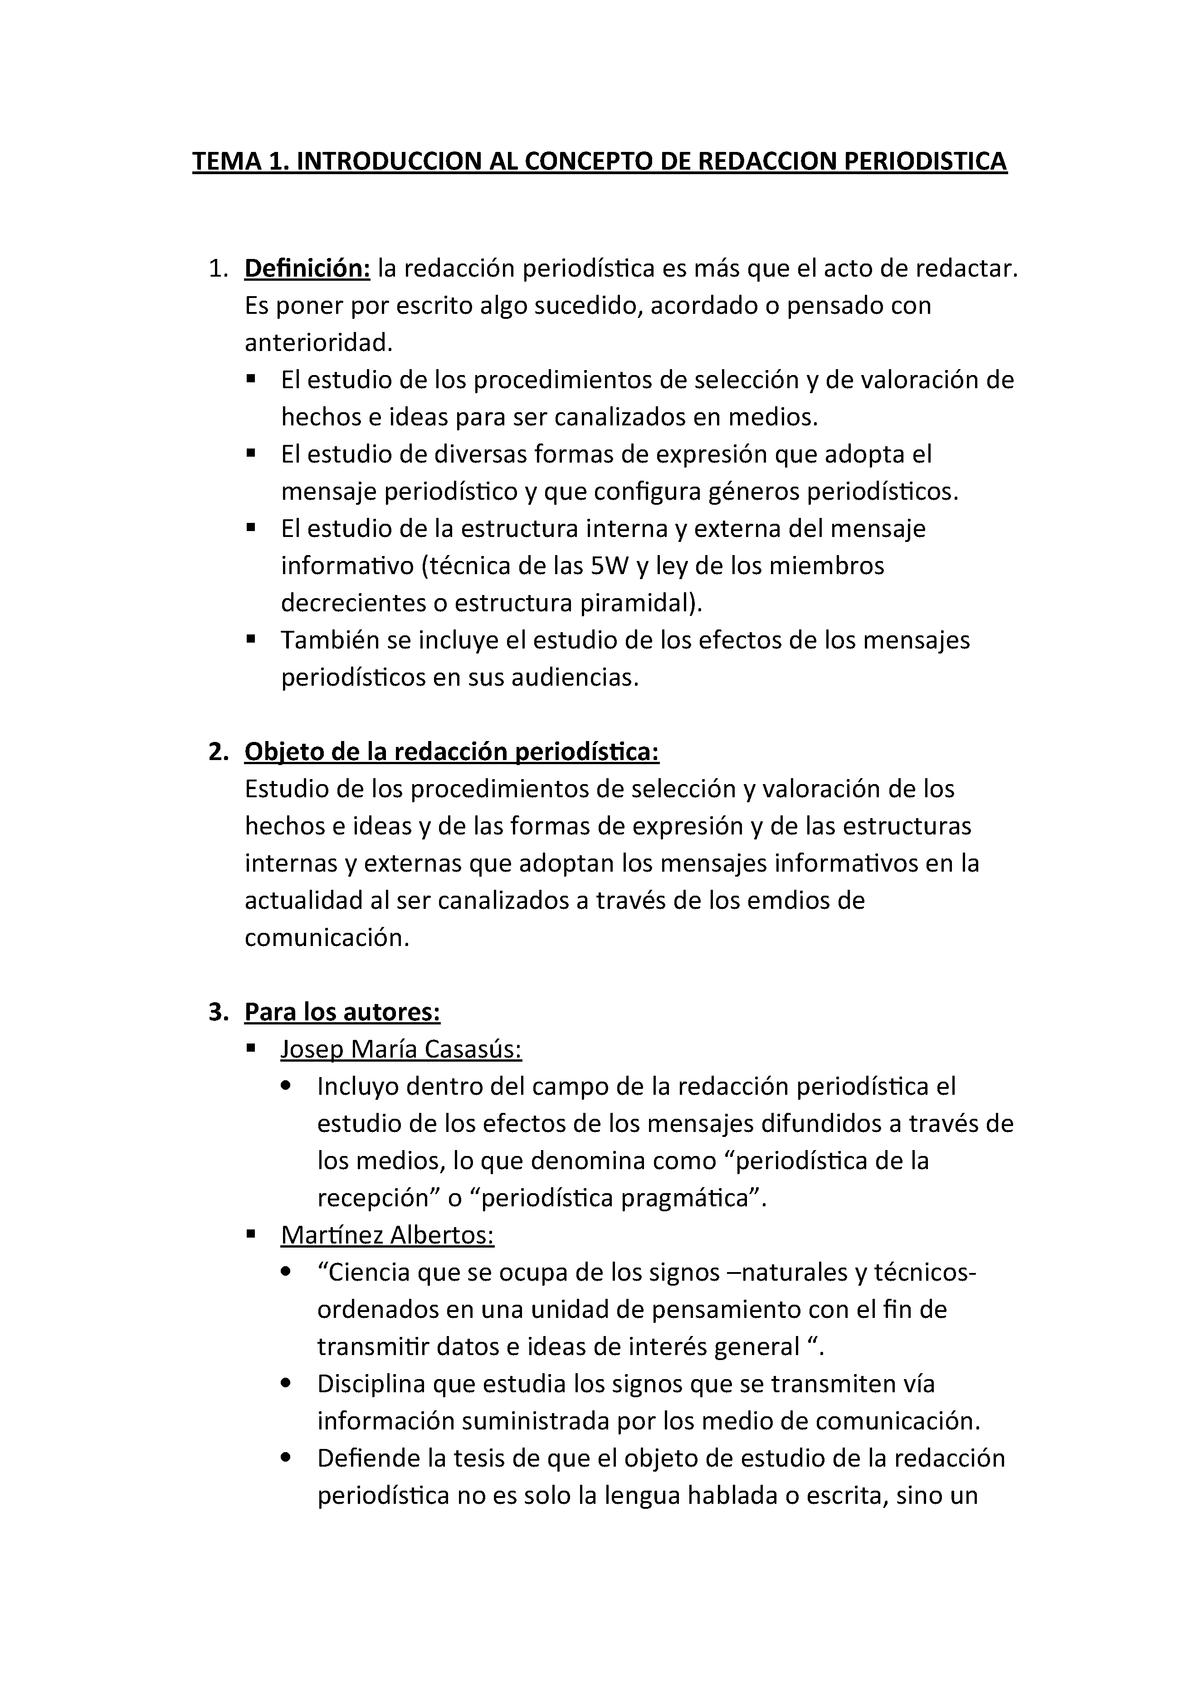 Temas 1 3 Redacción Periodística 41331 Uva Studocu